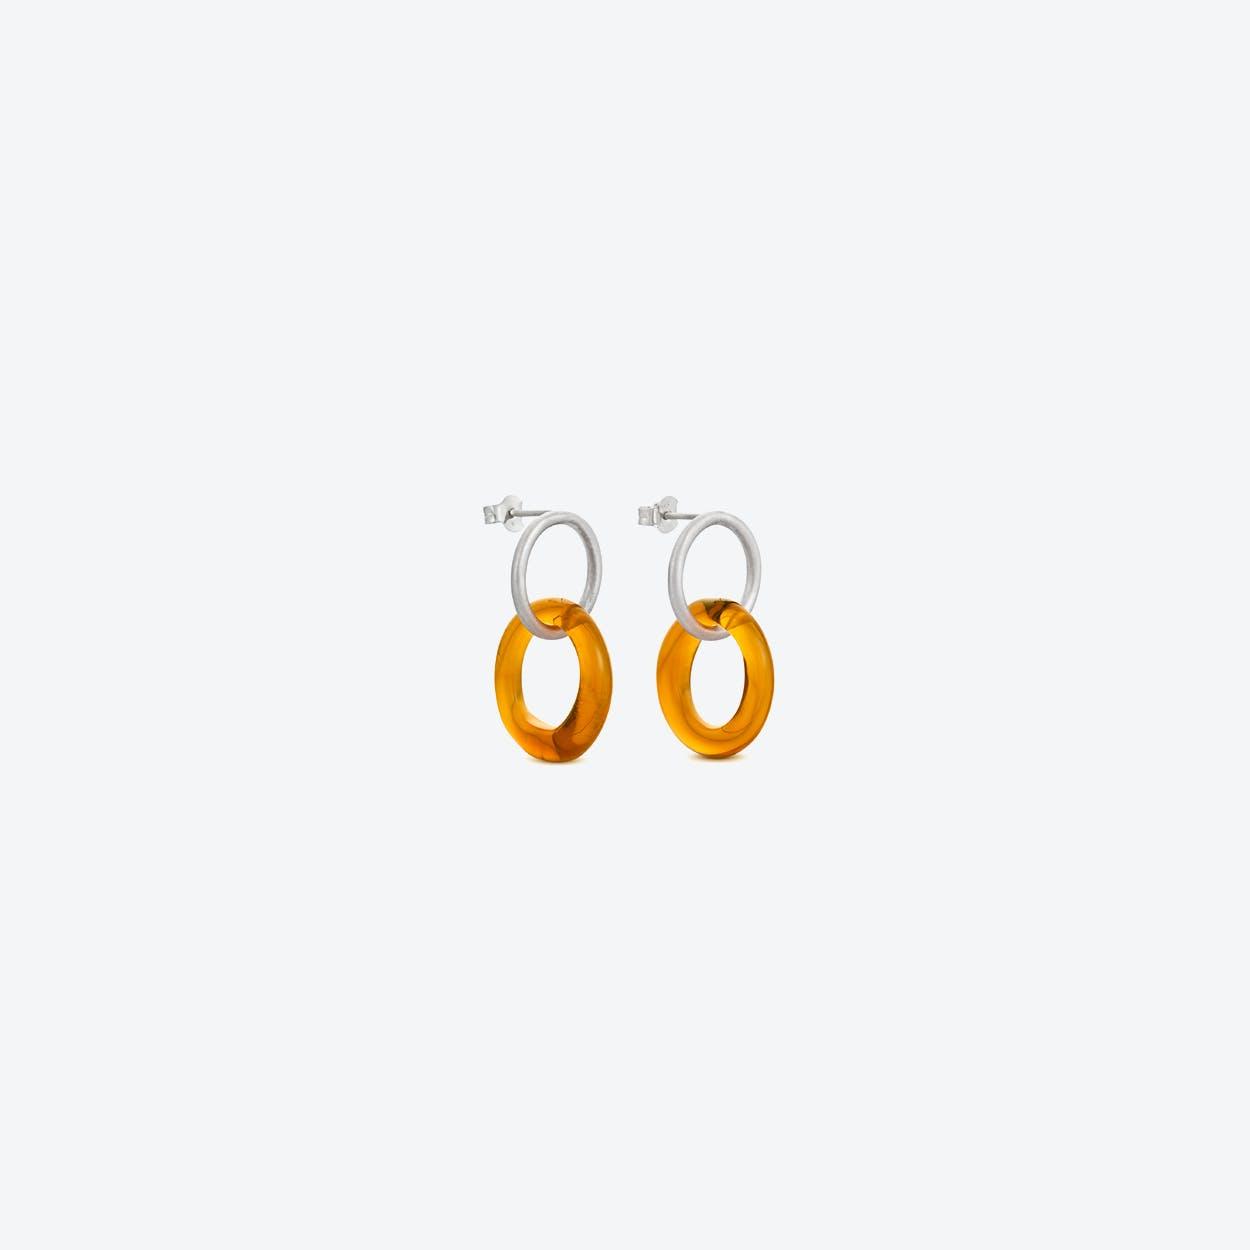 Caramel Earrings in Honey